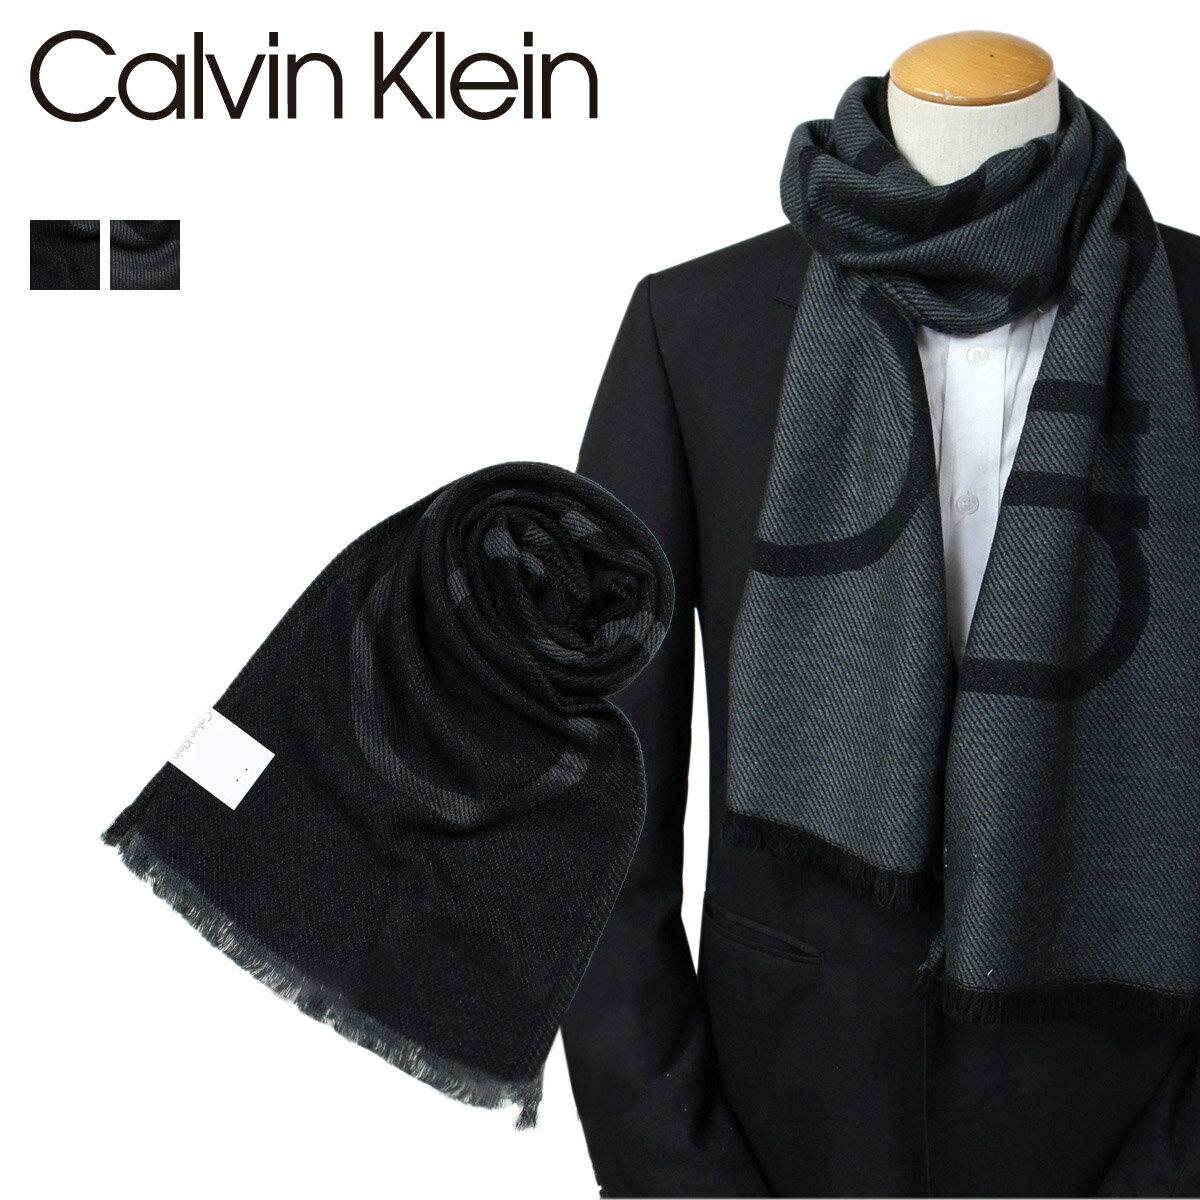 カルバンクライン マフラー メンズ Calvin Klein CK ビジネス カジュアル HKC73621 [12/12 追加入荷]